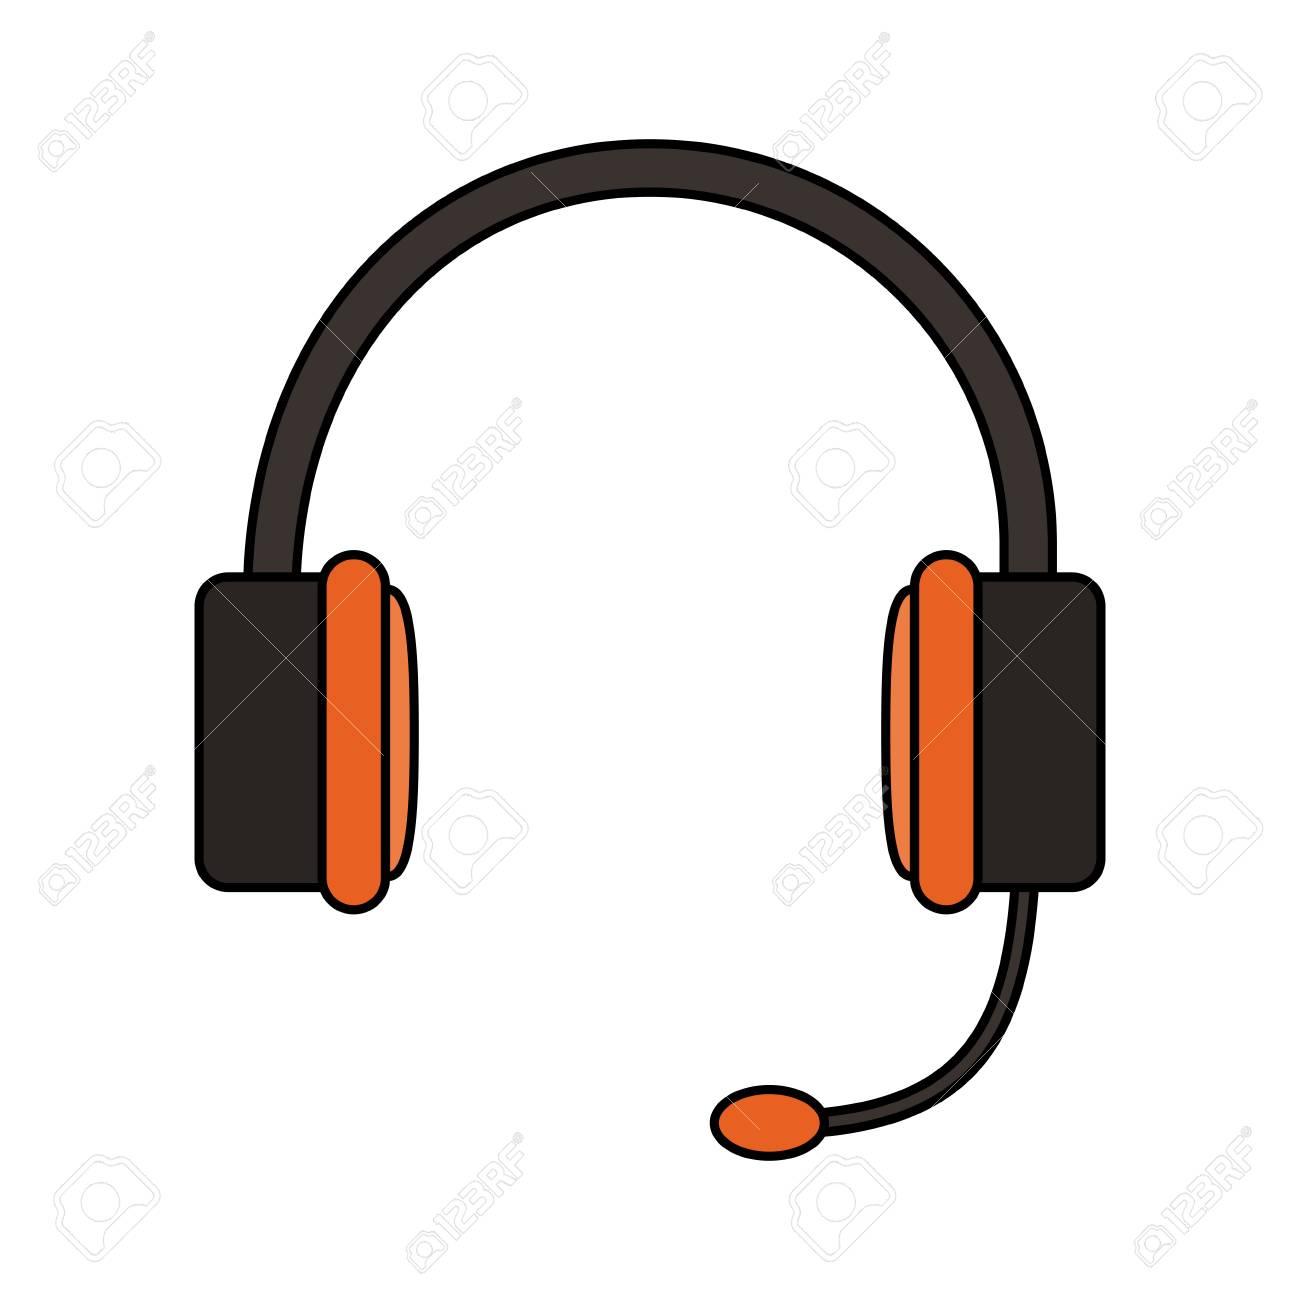 Kopfhörer-Kopfhörer Mikrofon-Symbol Bild Vektor-Illustration Design ...